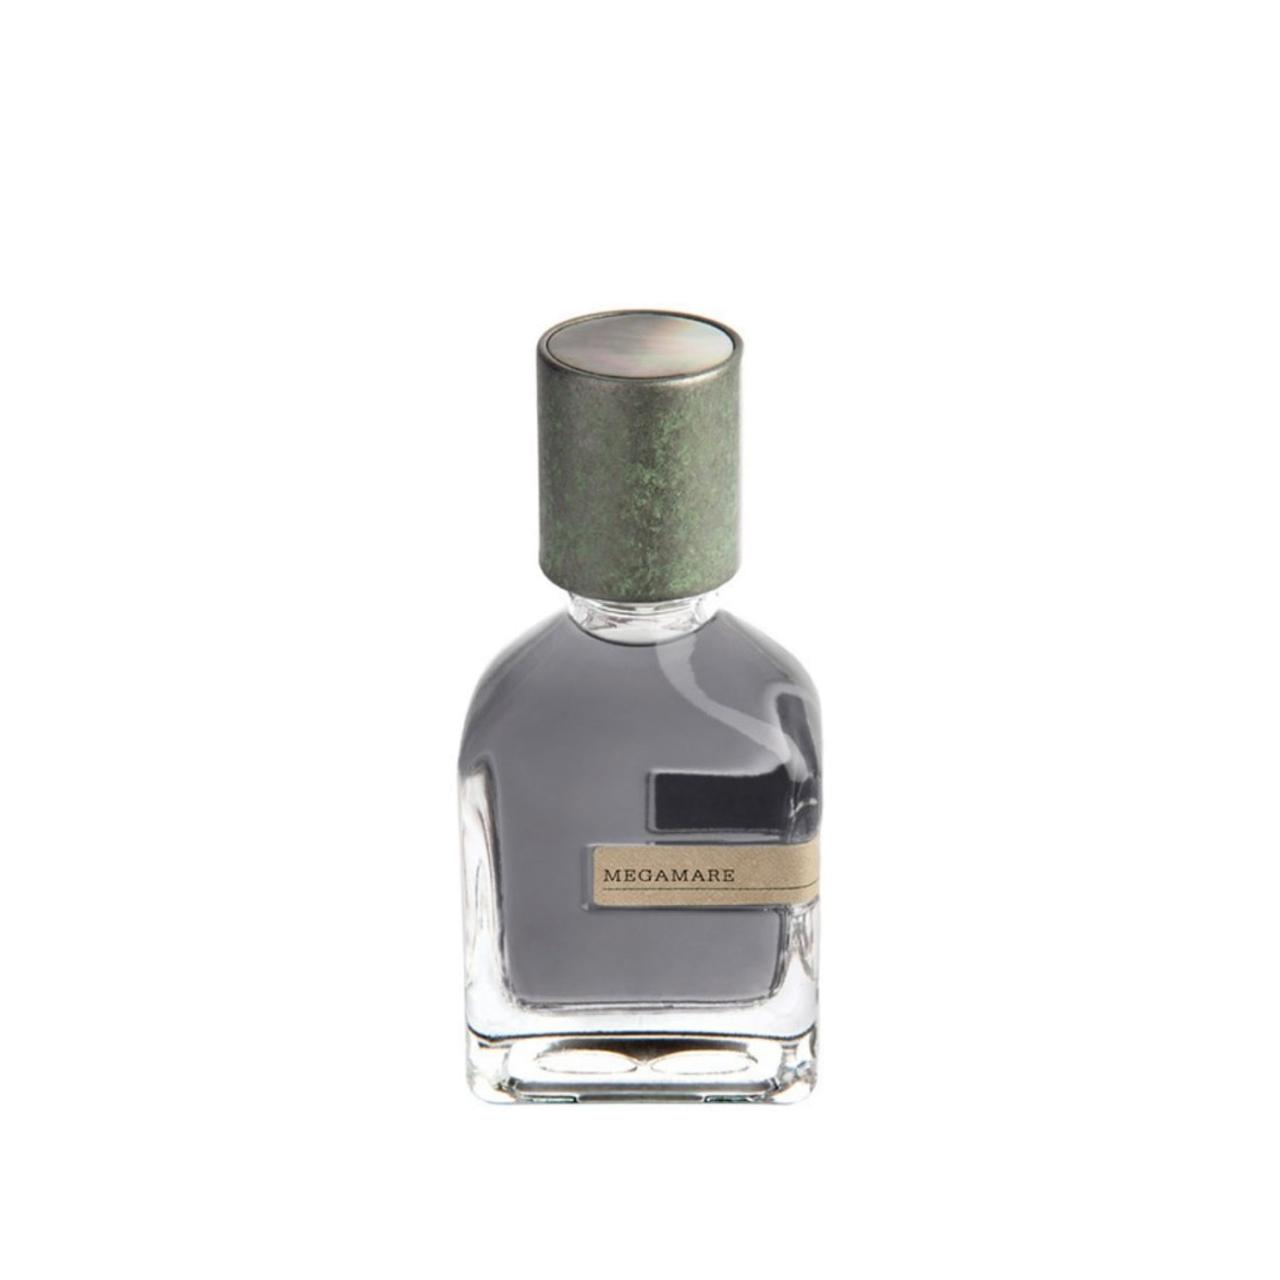 Megamare - Eau de Parfum